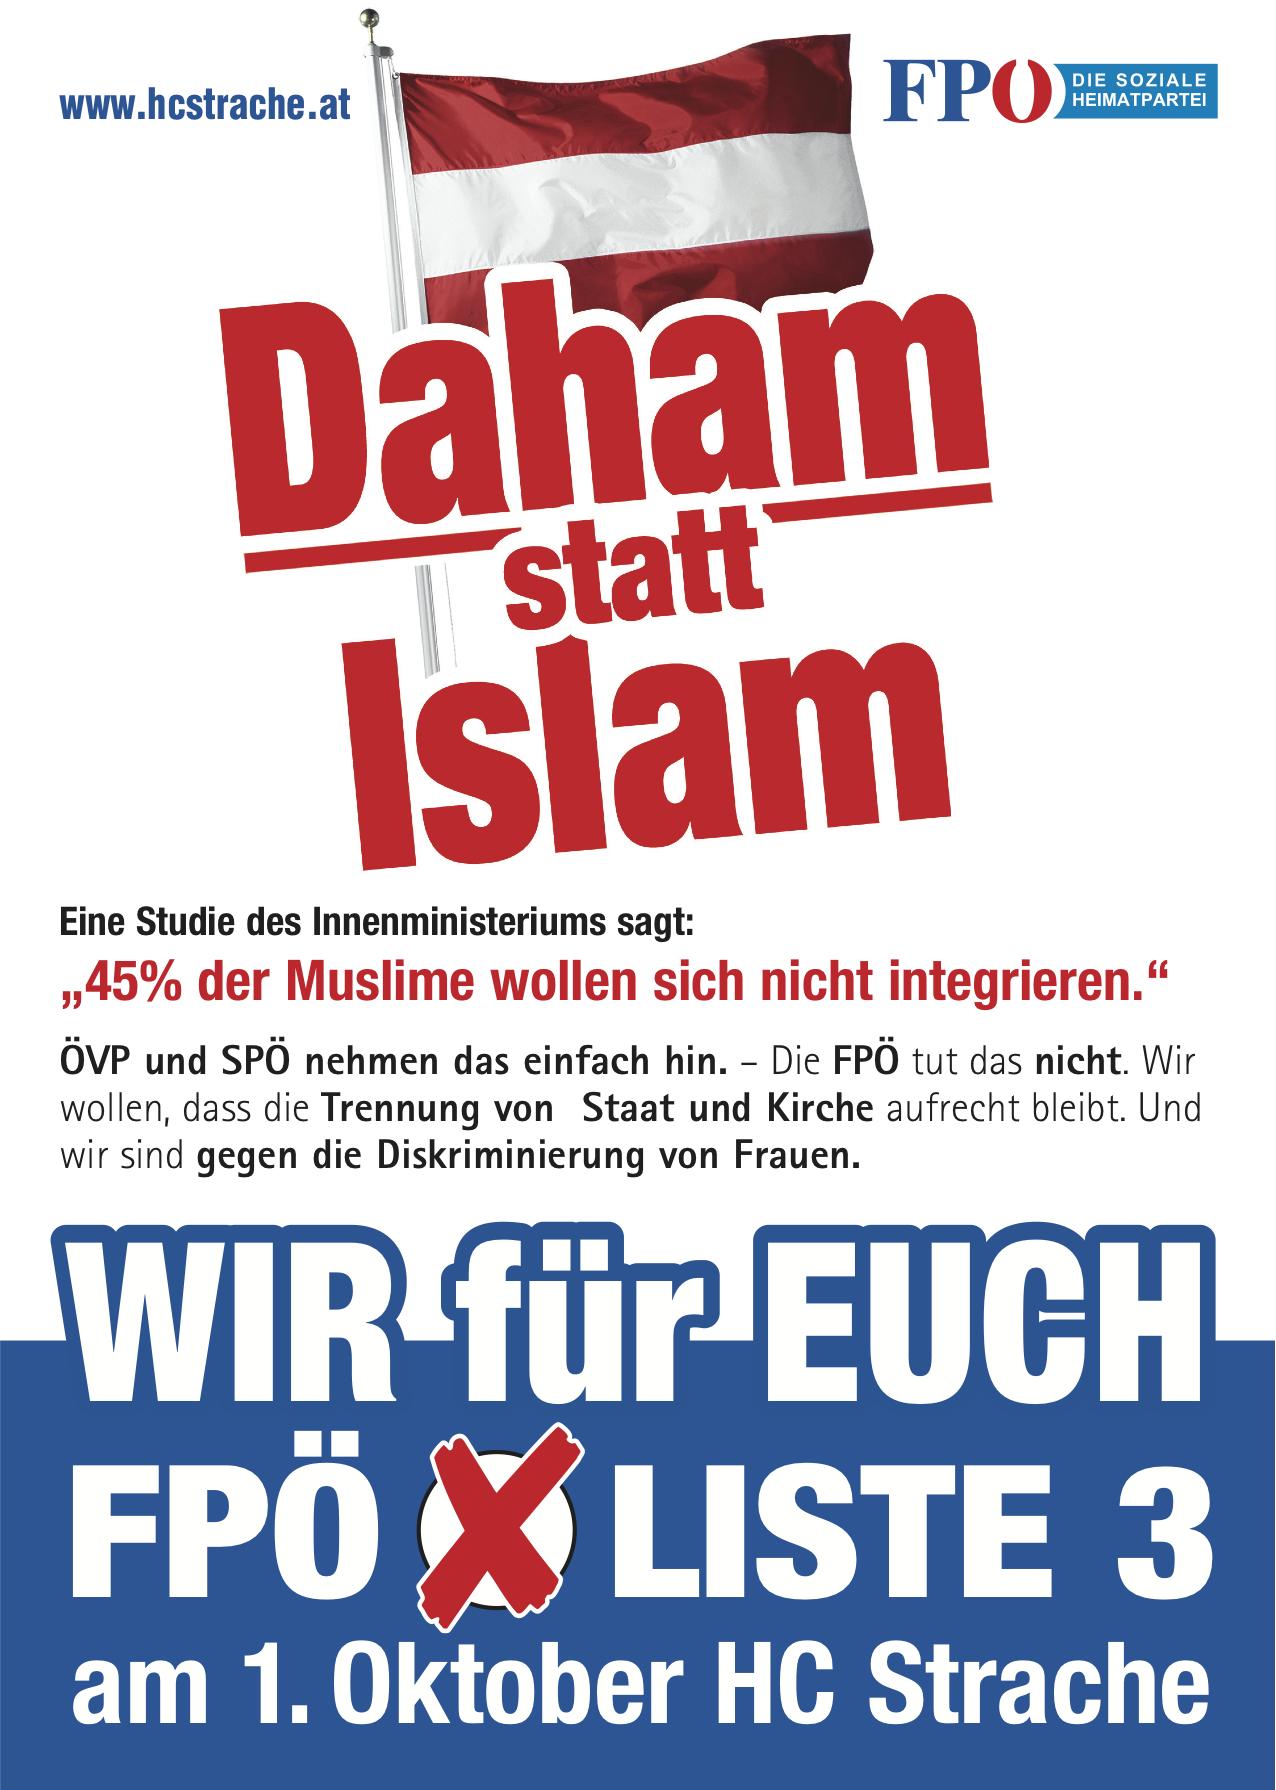 Sprche Deutsch Und Trkisch Betl Wattpad Deutsch Rap Zitate